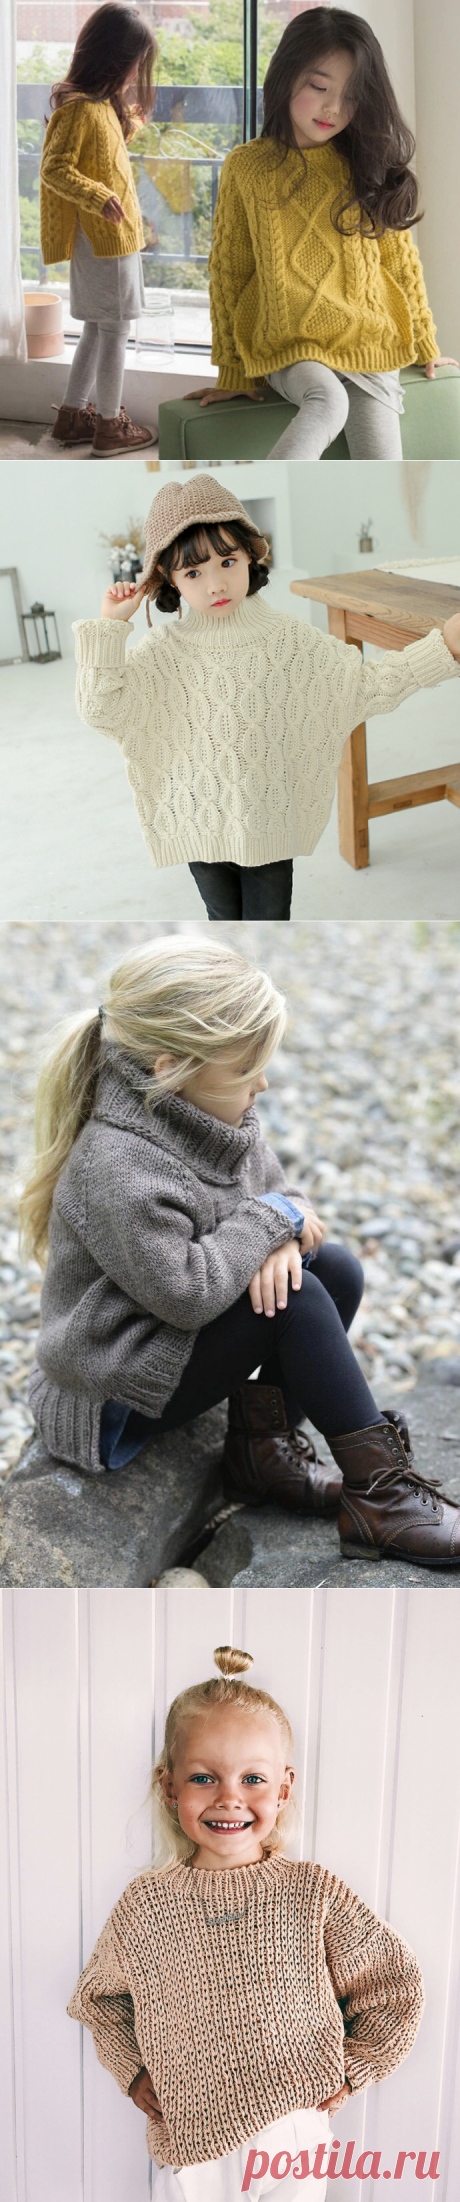 20 идей свитеров, для маленьких модниц. | Вязалкина | Яндекс Дзен